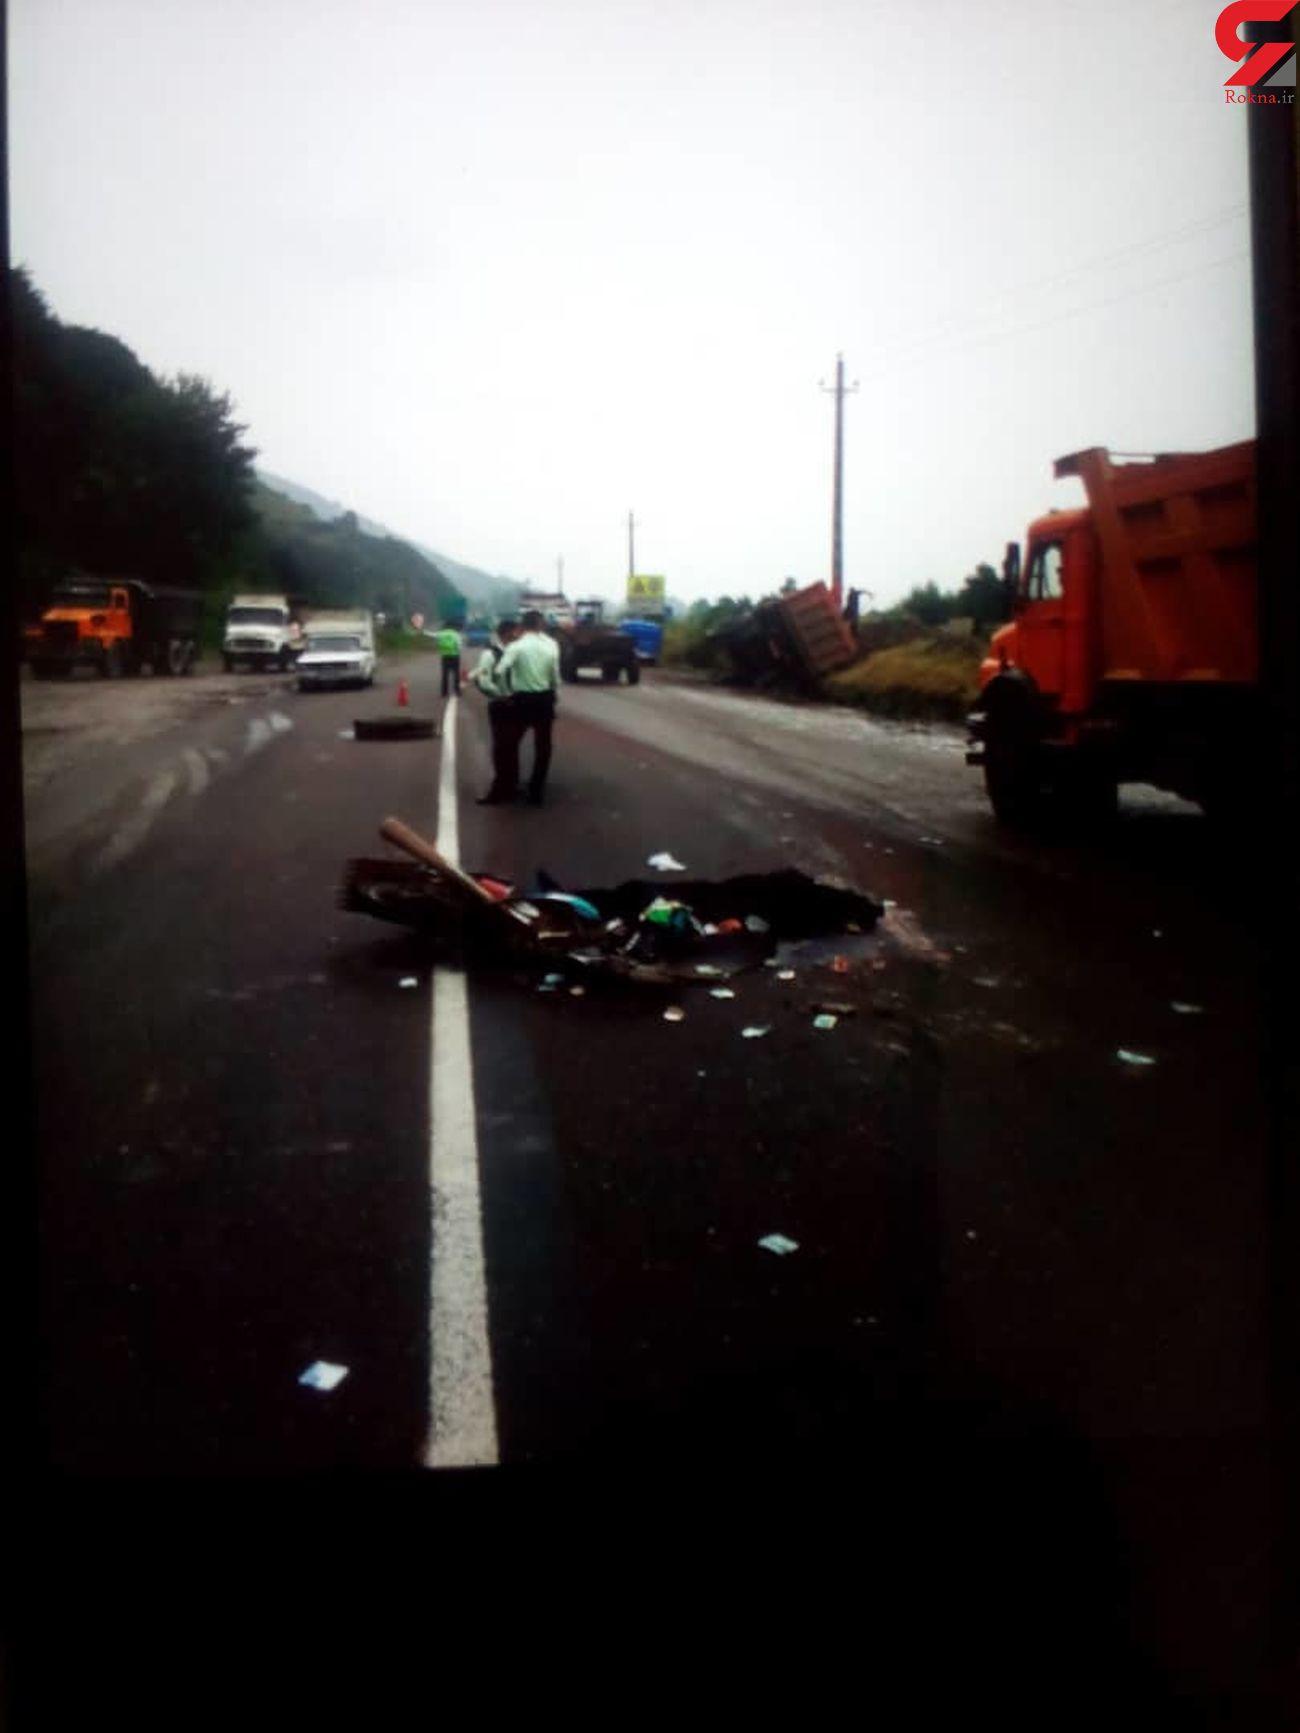 کامیون راننده موتور سیکلت را زیر گرفت/به همراه عکس